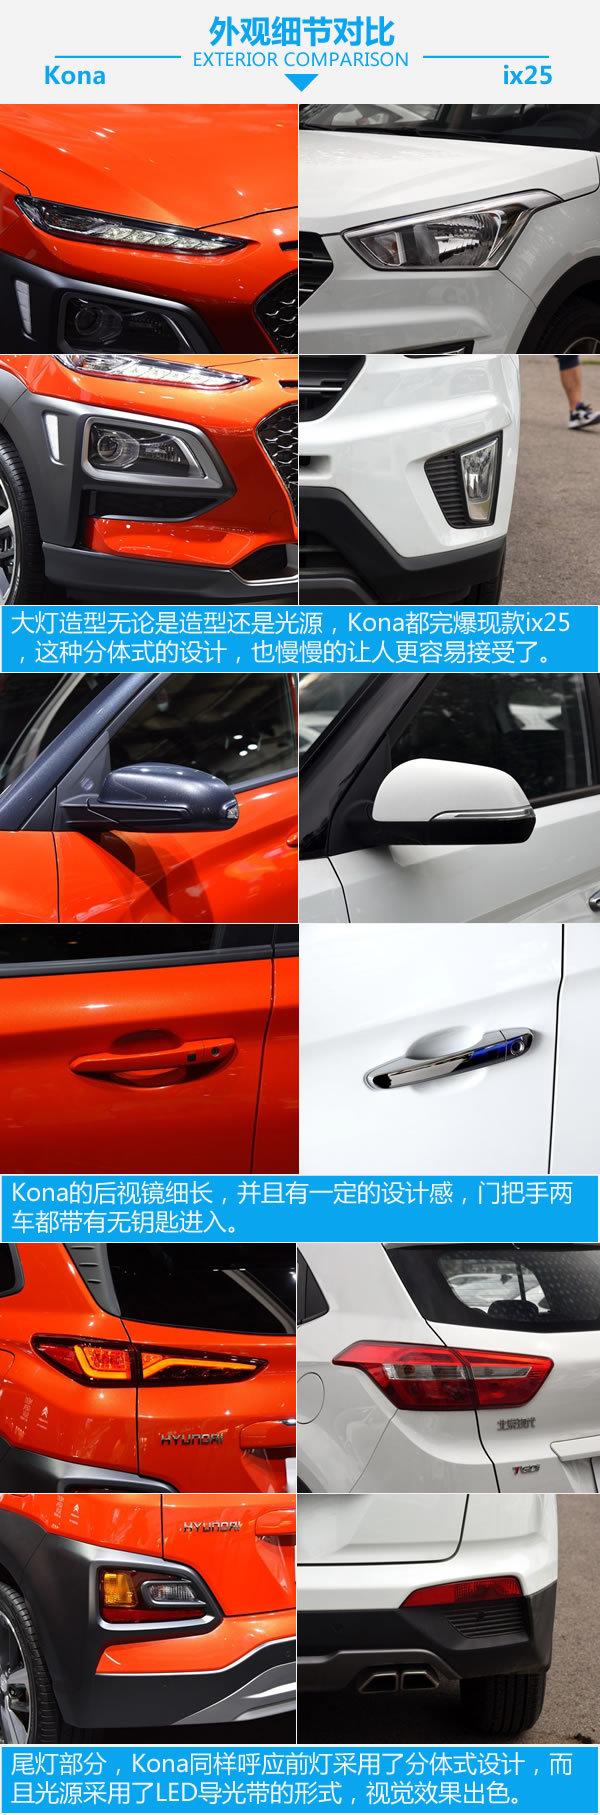 宝骏510被外企仿制了?现代Kona对比现代ix25-图5